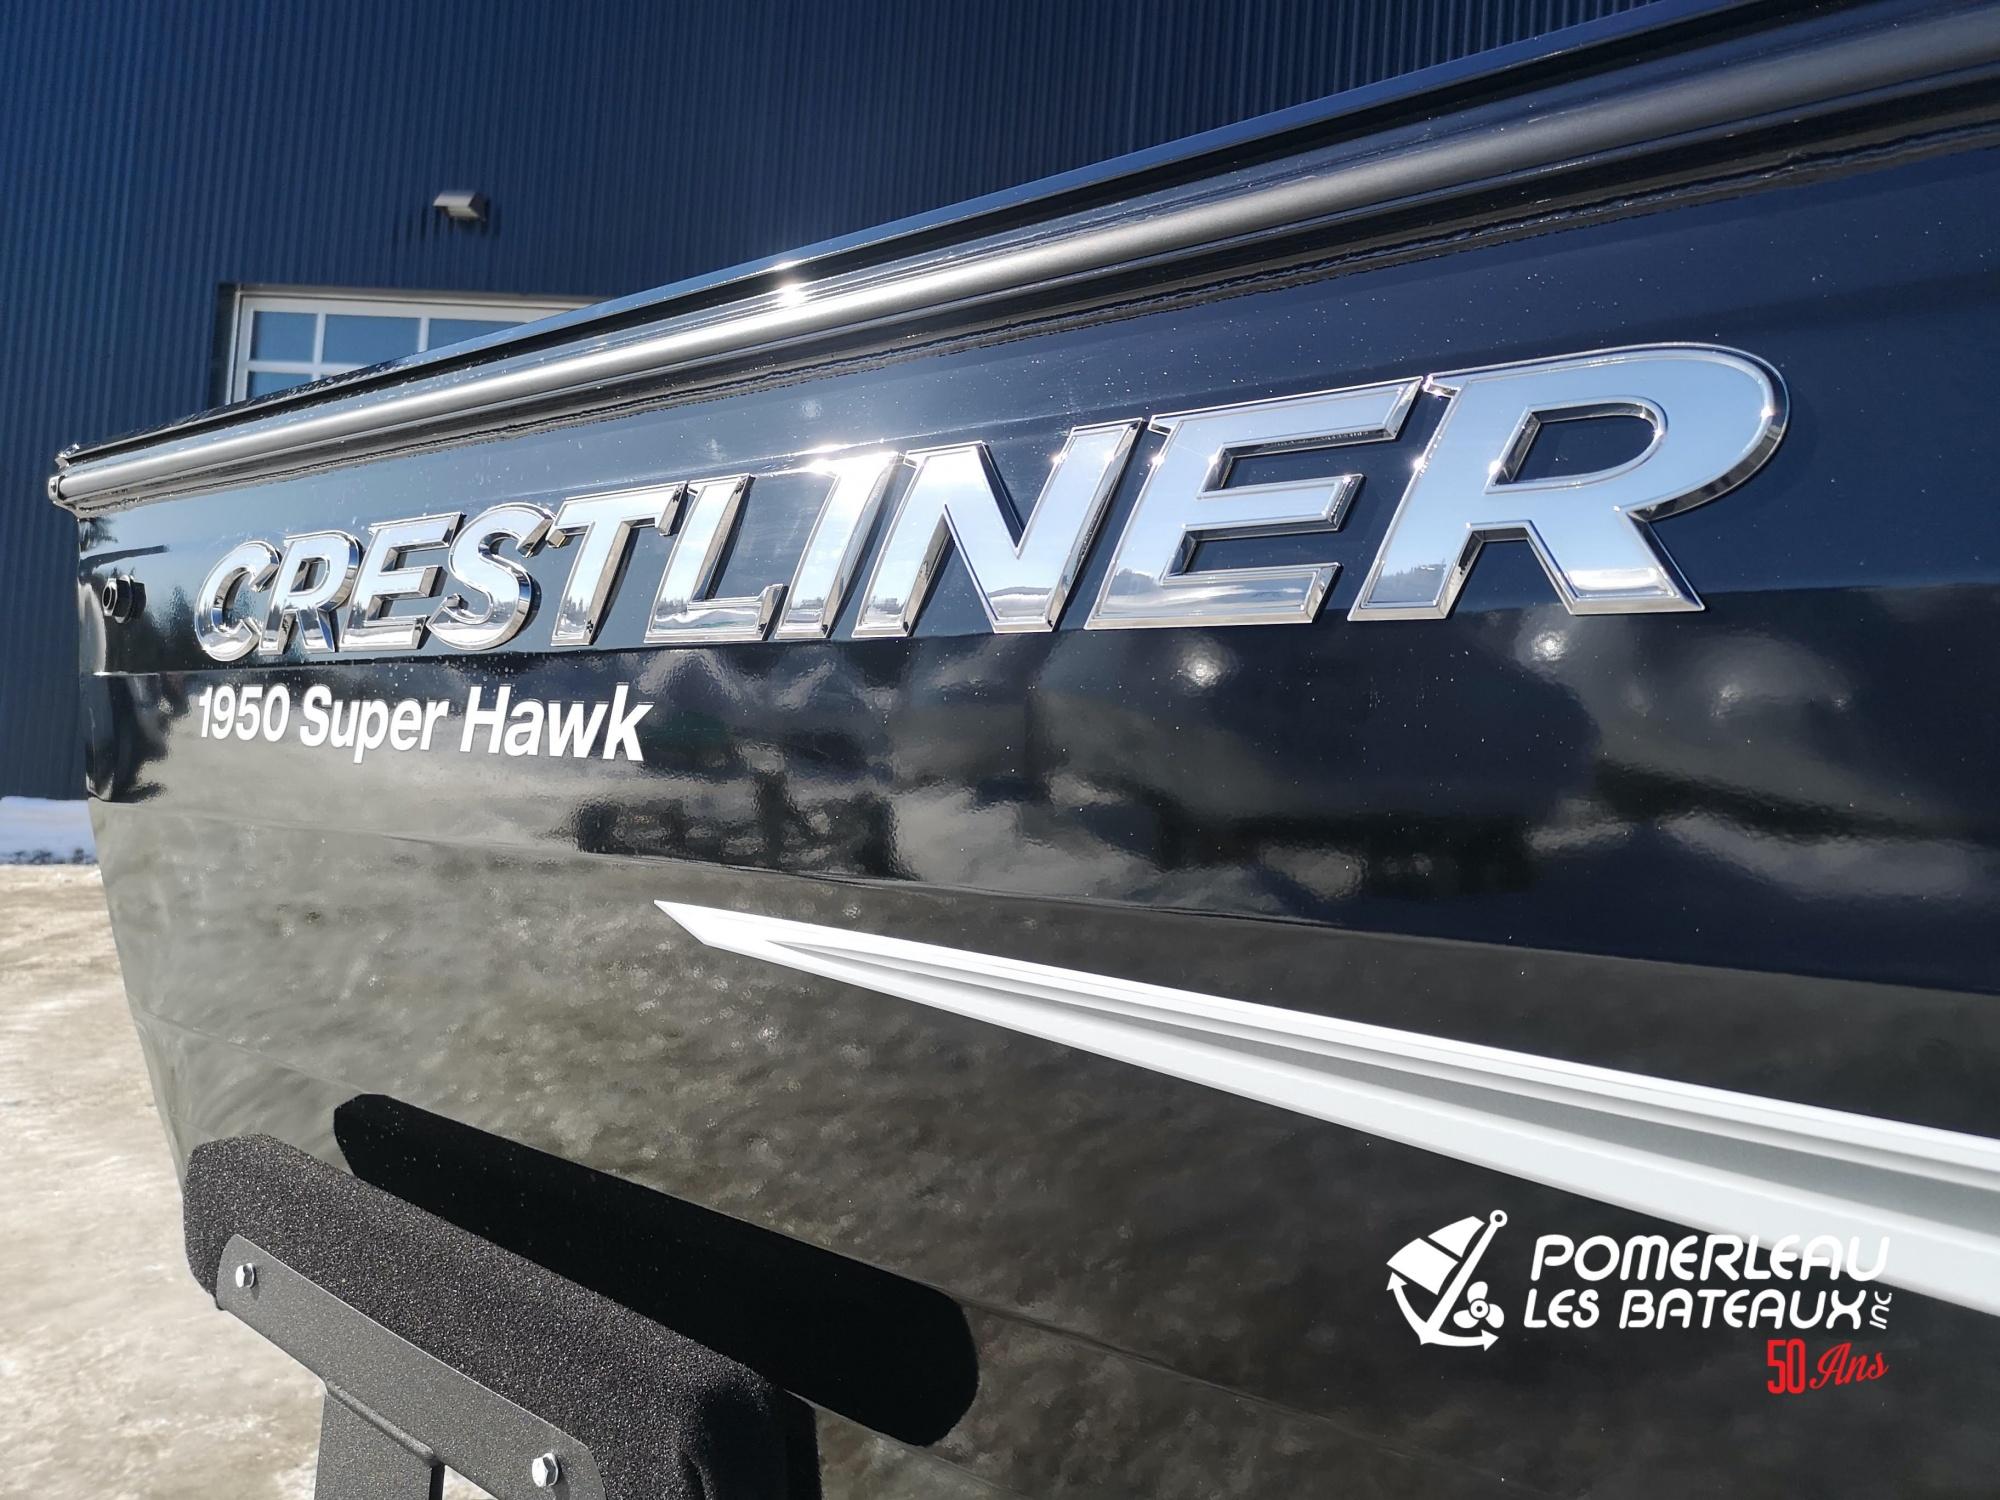 Crestliner Superhawk 1950 - IMG_20210308_093221